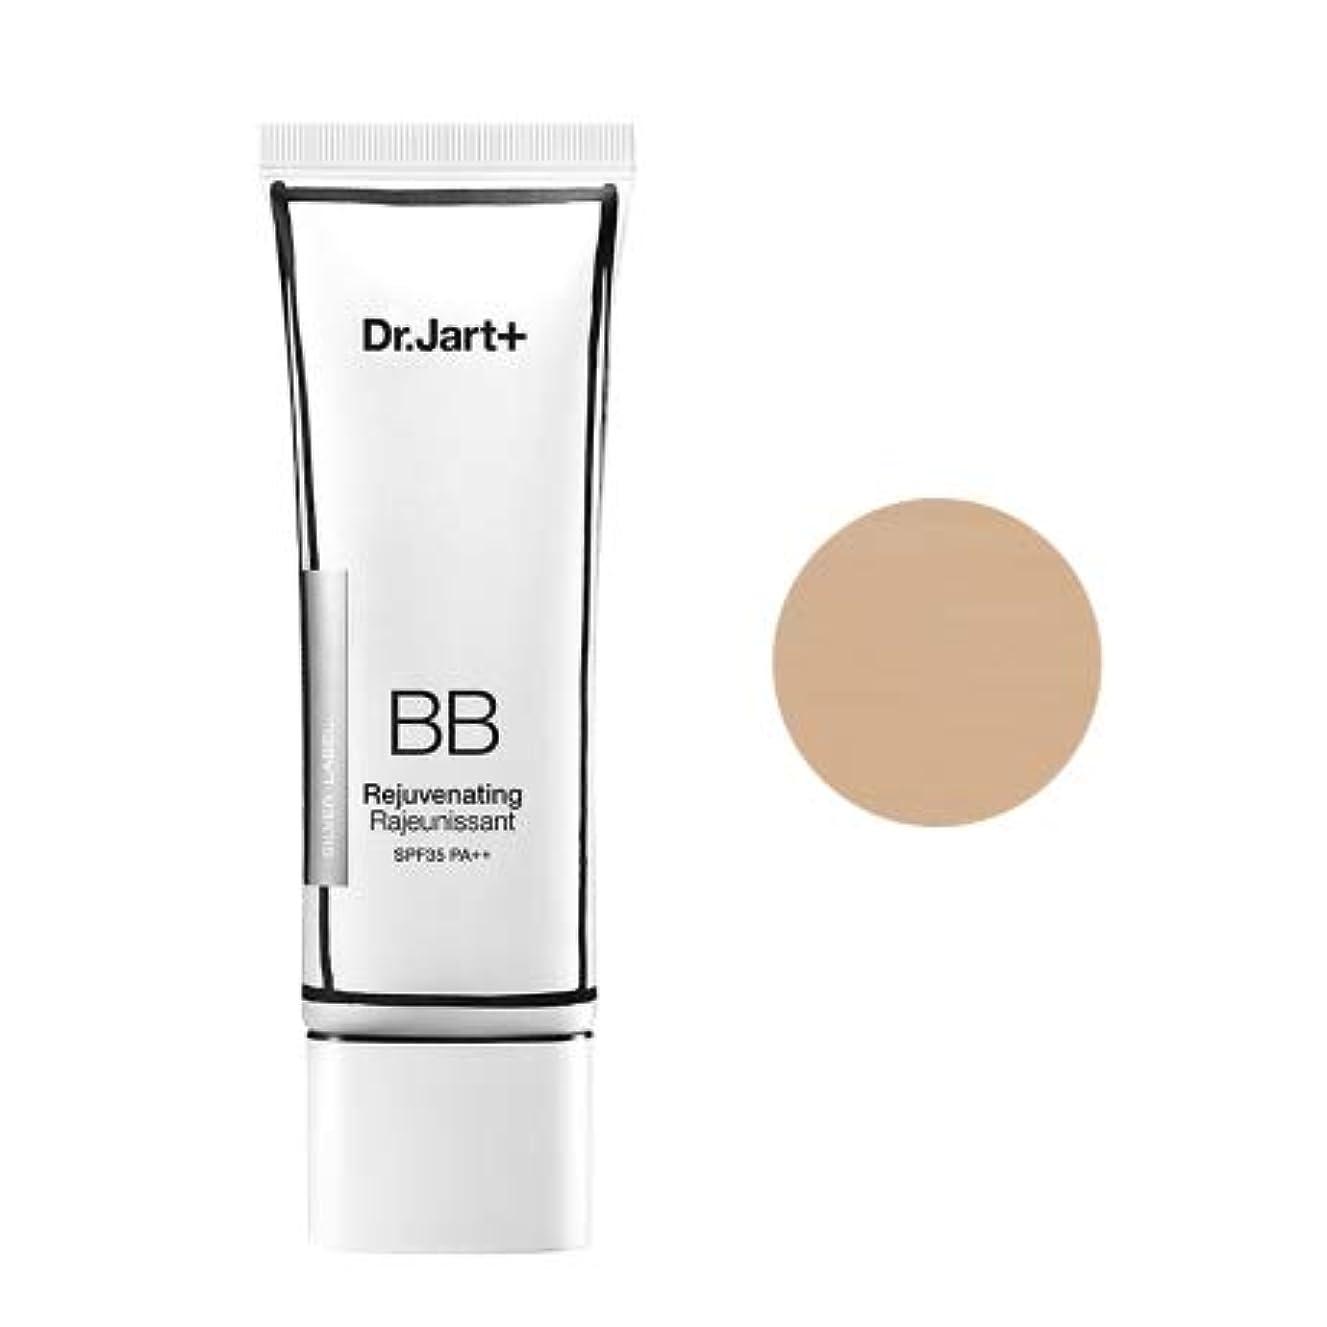 品種さらに扇動する[Upgrade] Dr.Jart+Dermakeup Rejuvenating Beauty Balm SPF35 PA++ 50ml /ドクタージャルトゥザメーキャップリージュビネイティンビューティーバーム SPF35...